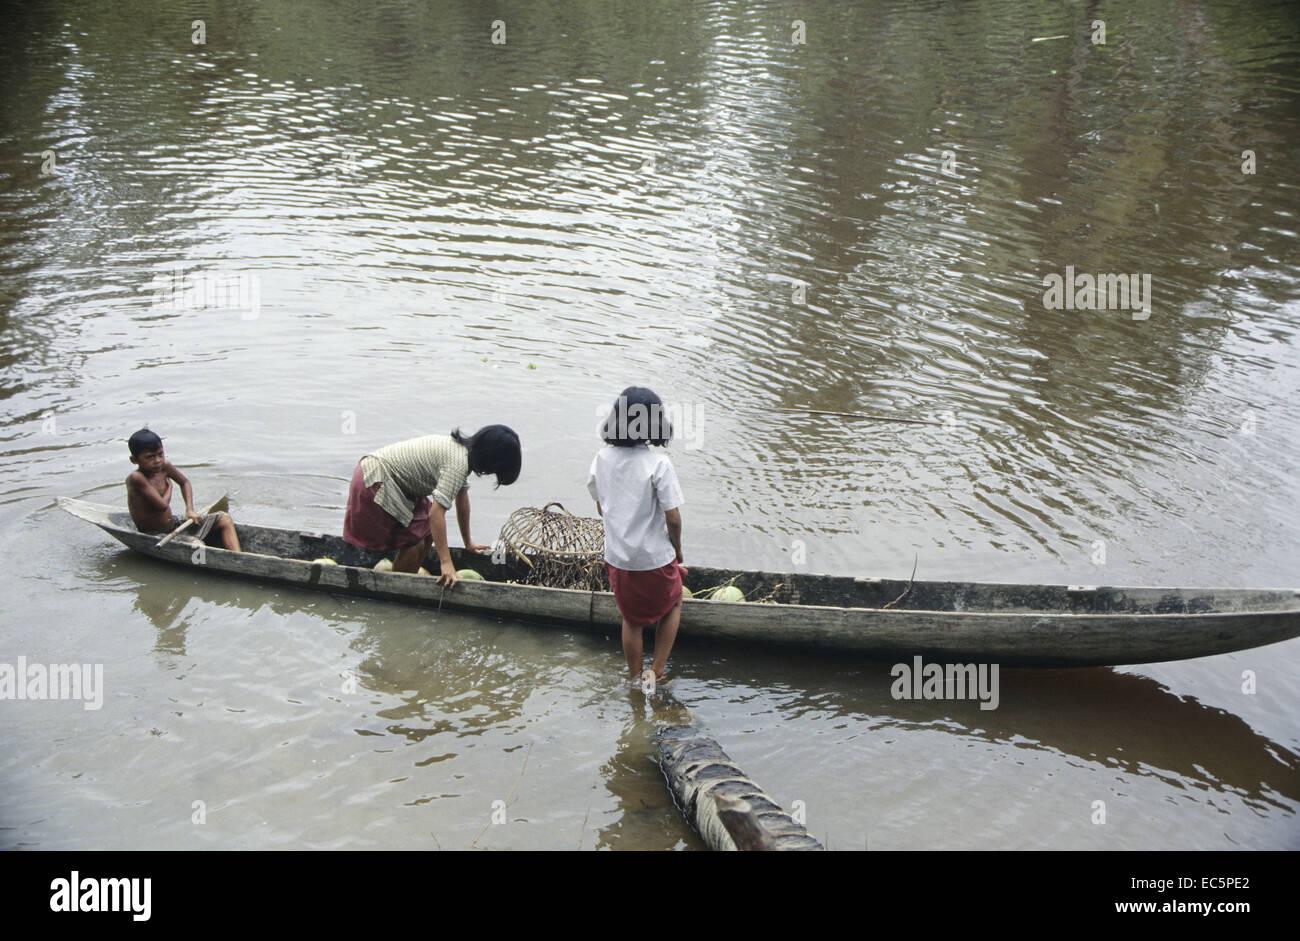 Indonesian children on way to school, Mentawai Islands - Stock Image